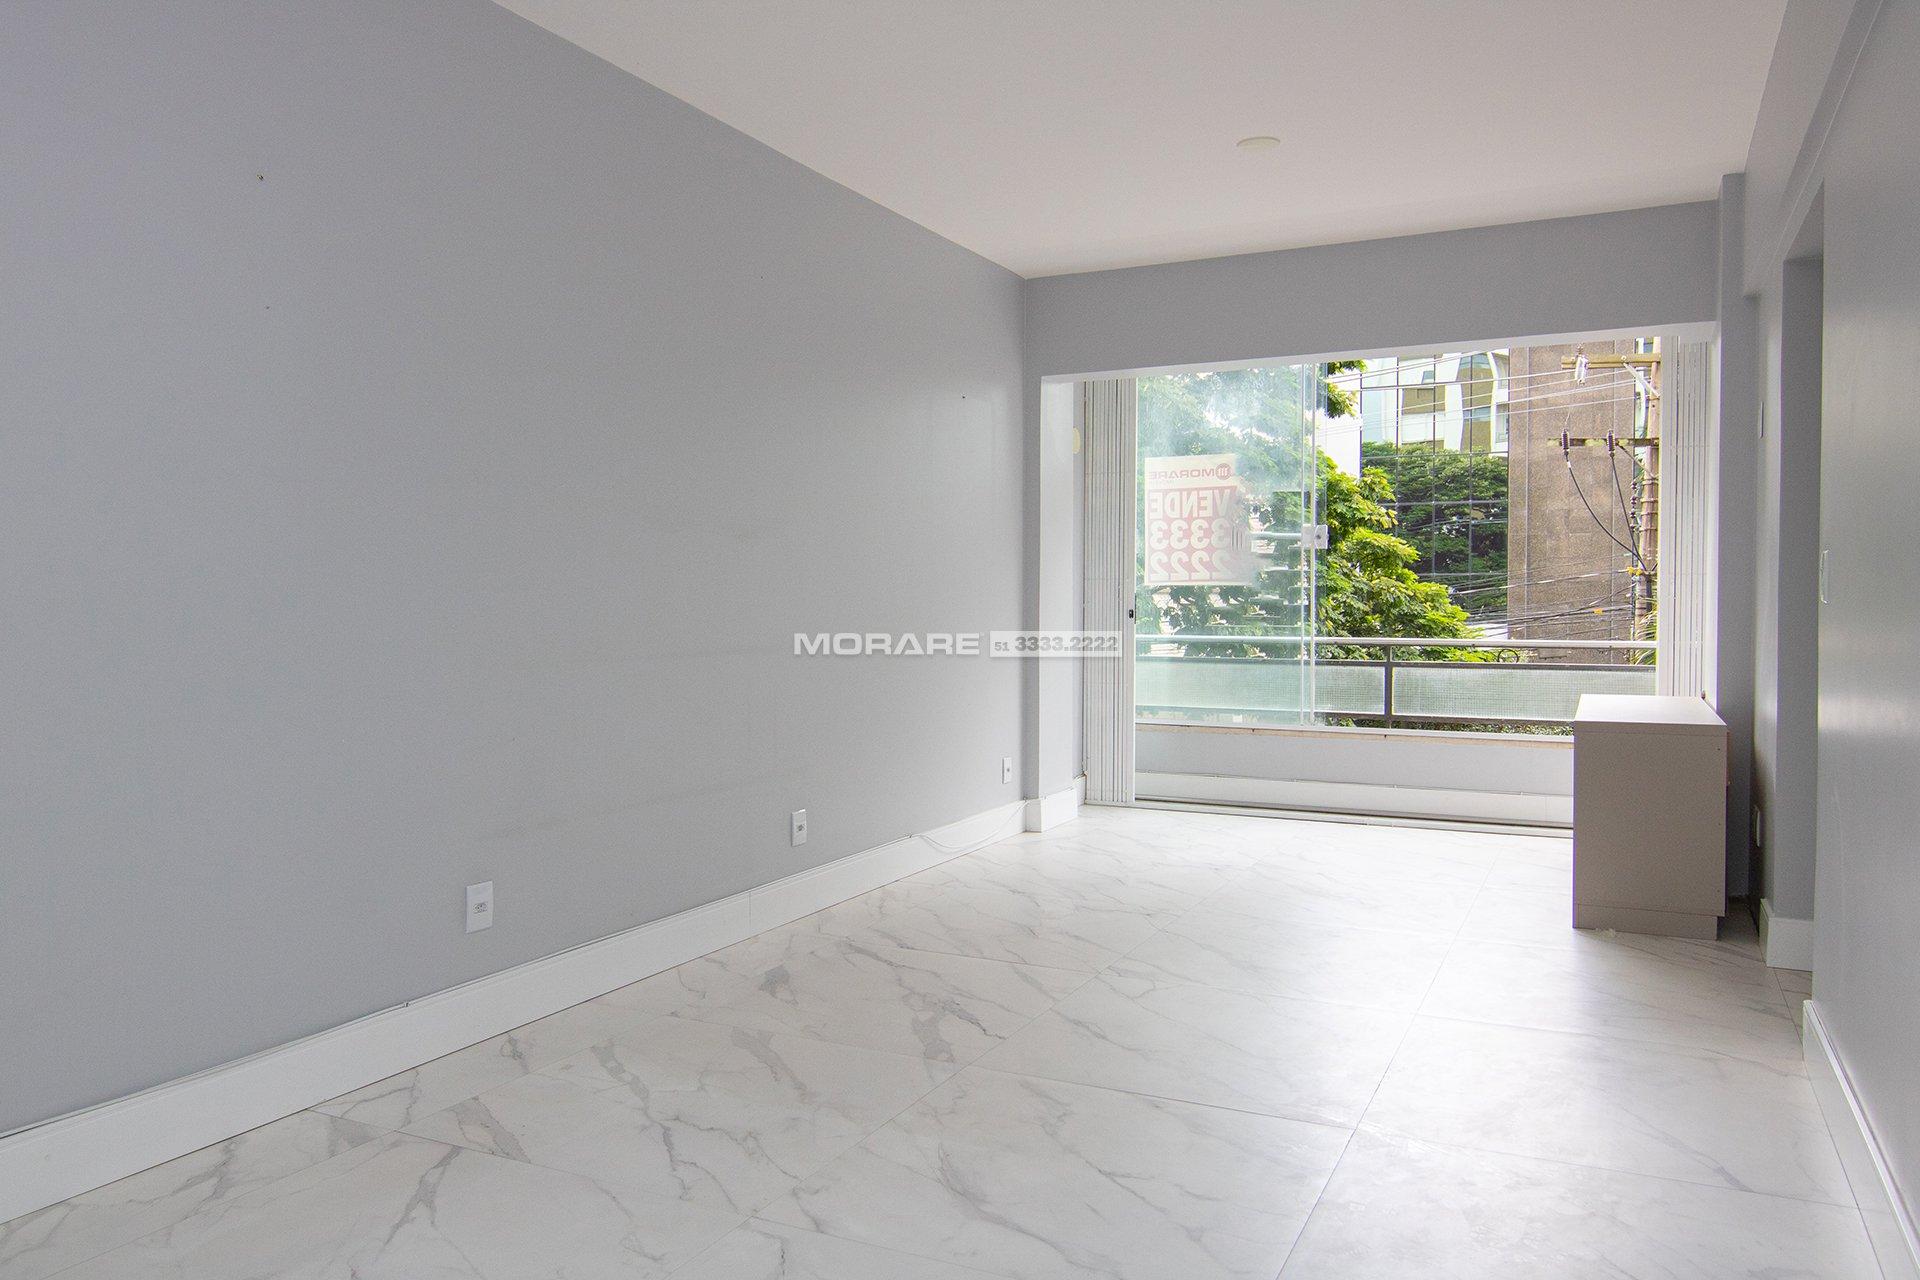 Apartamento Moinhos de Vento, Porto Alegre (30170)